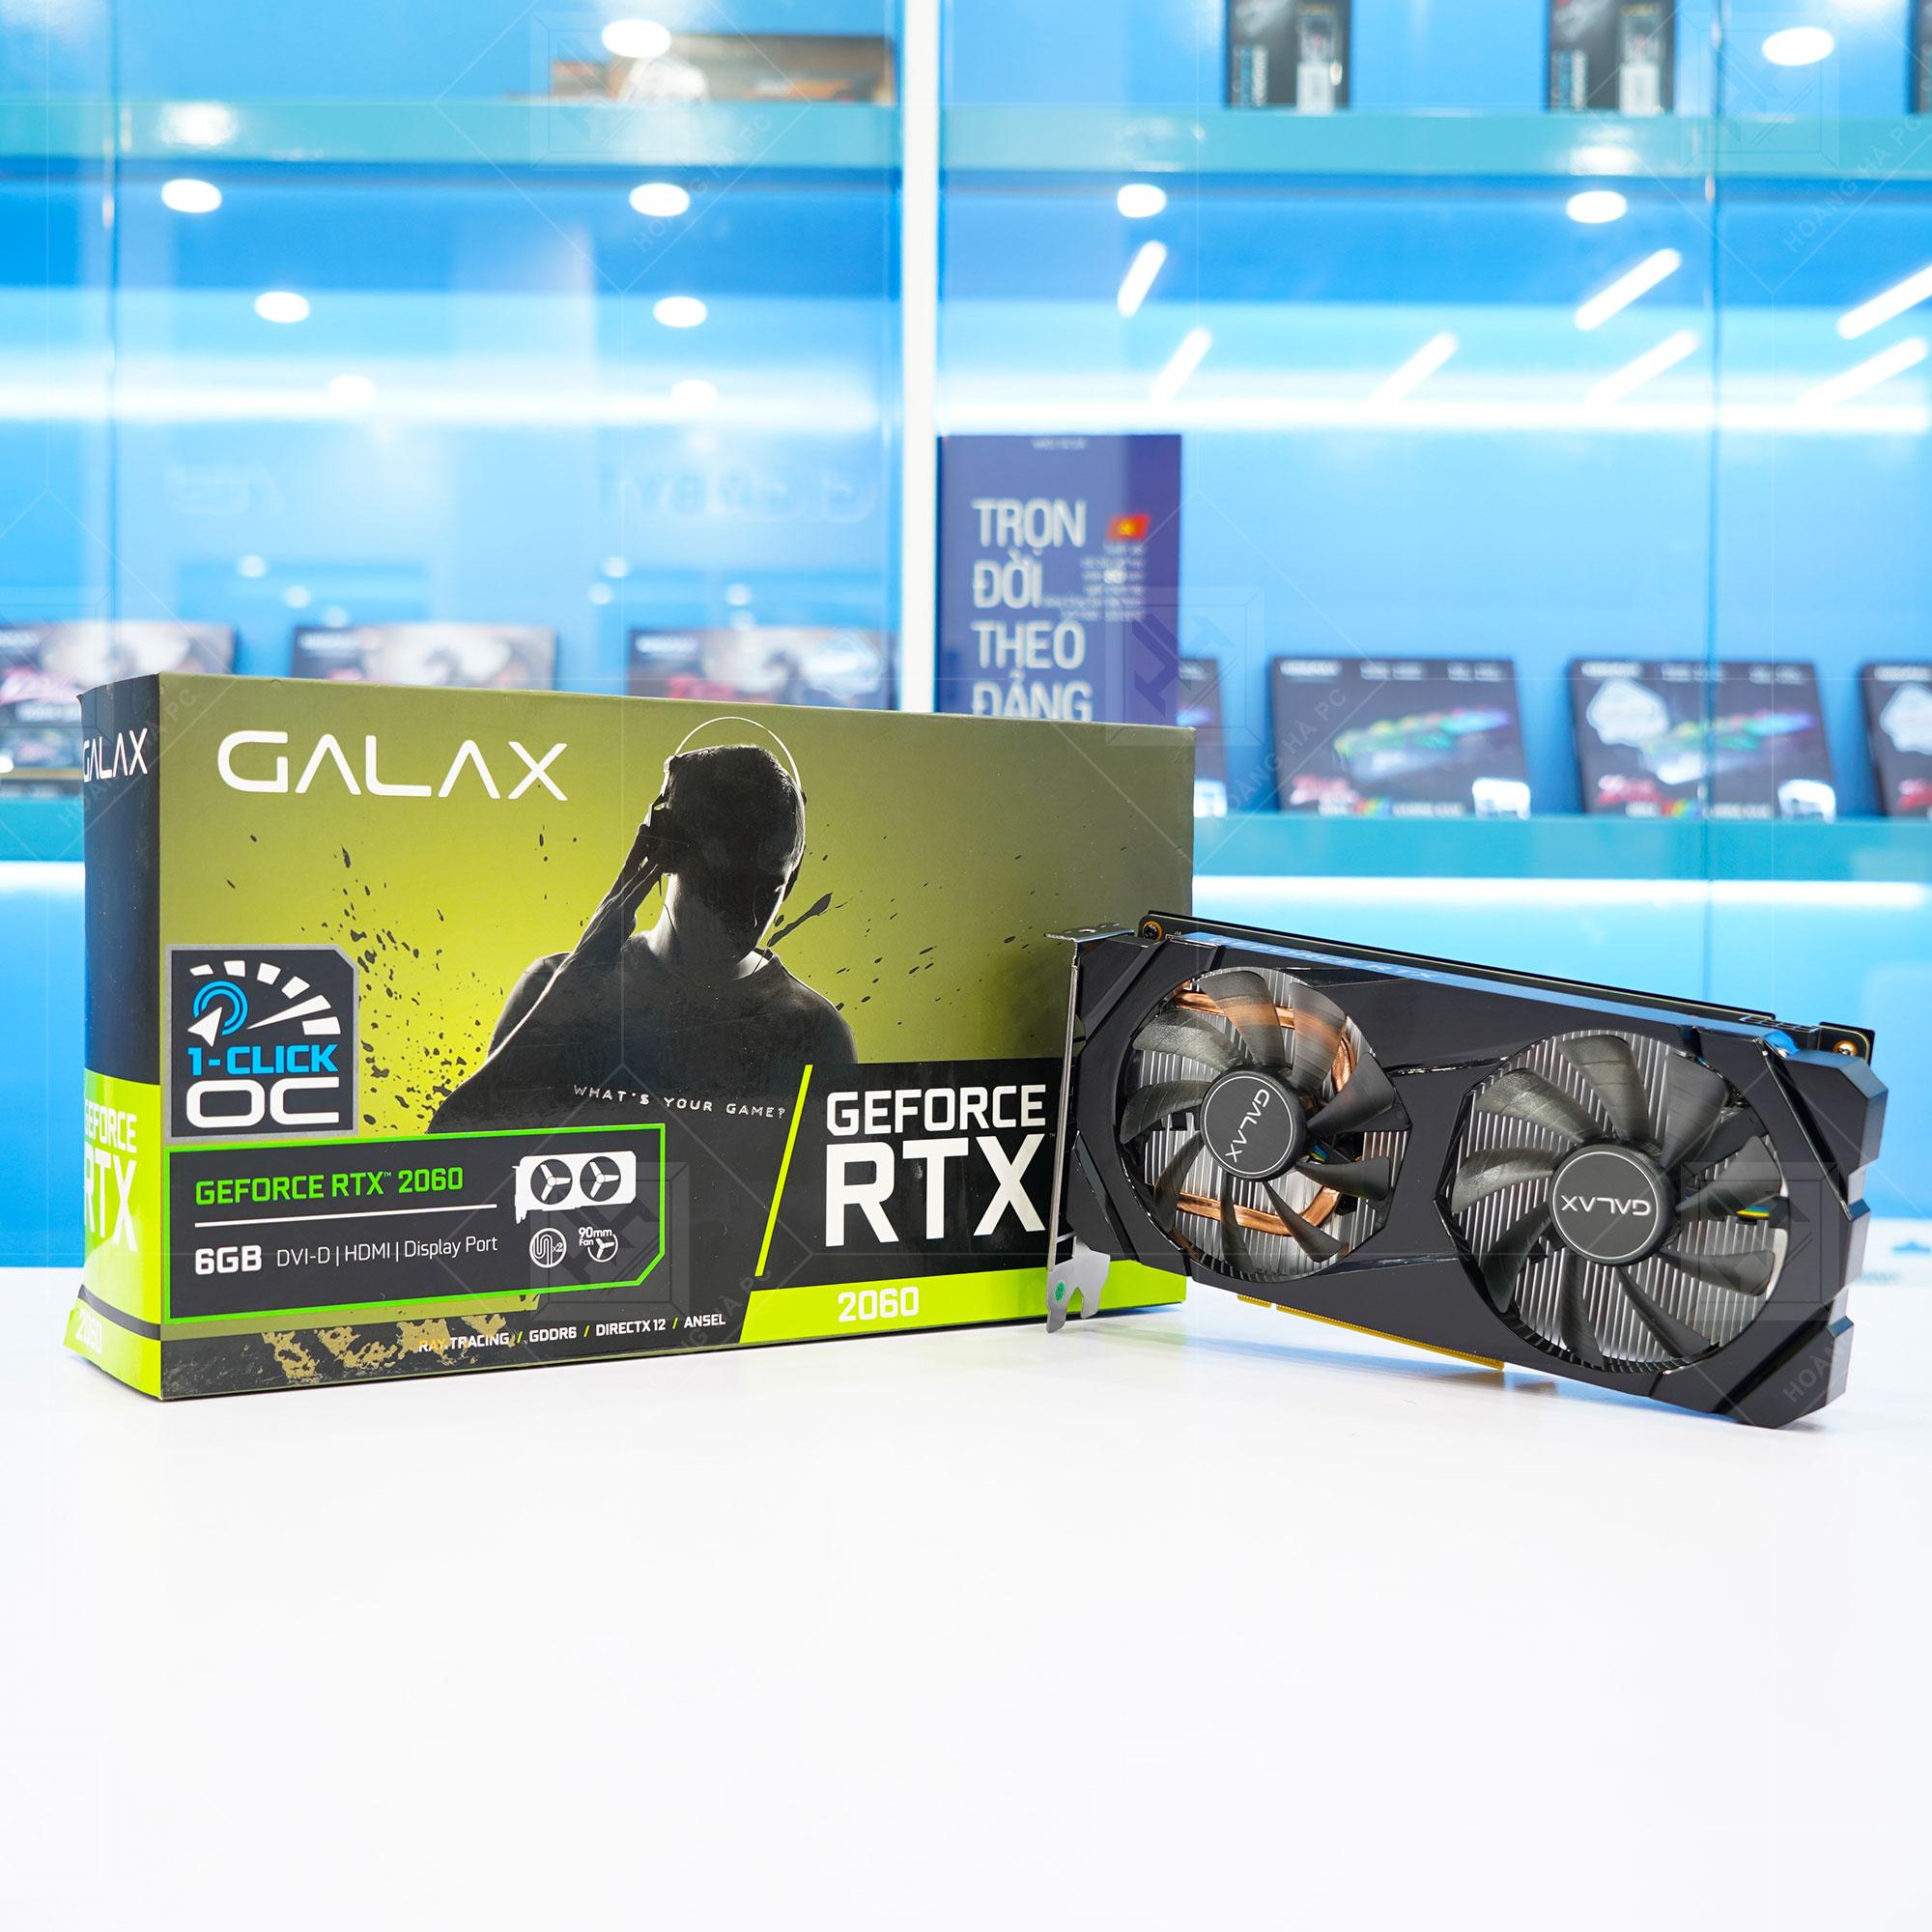 Galax RTX 2060 1 Click OC 6G Black